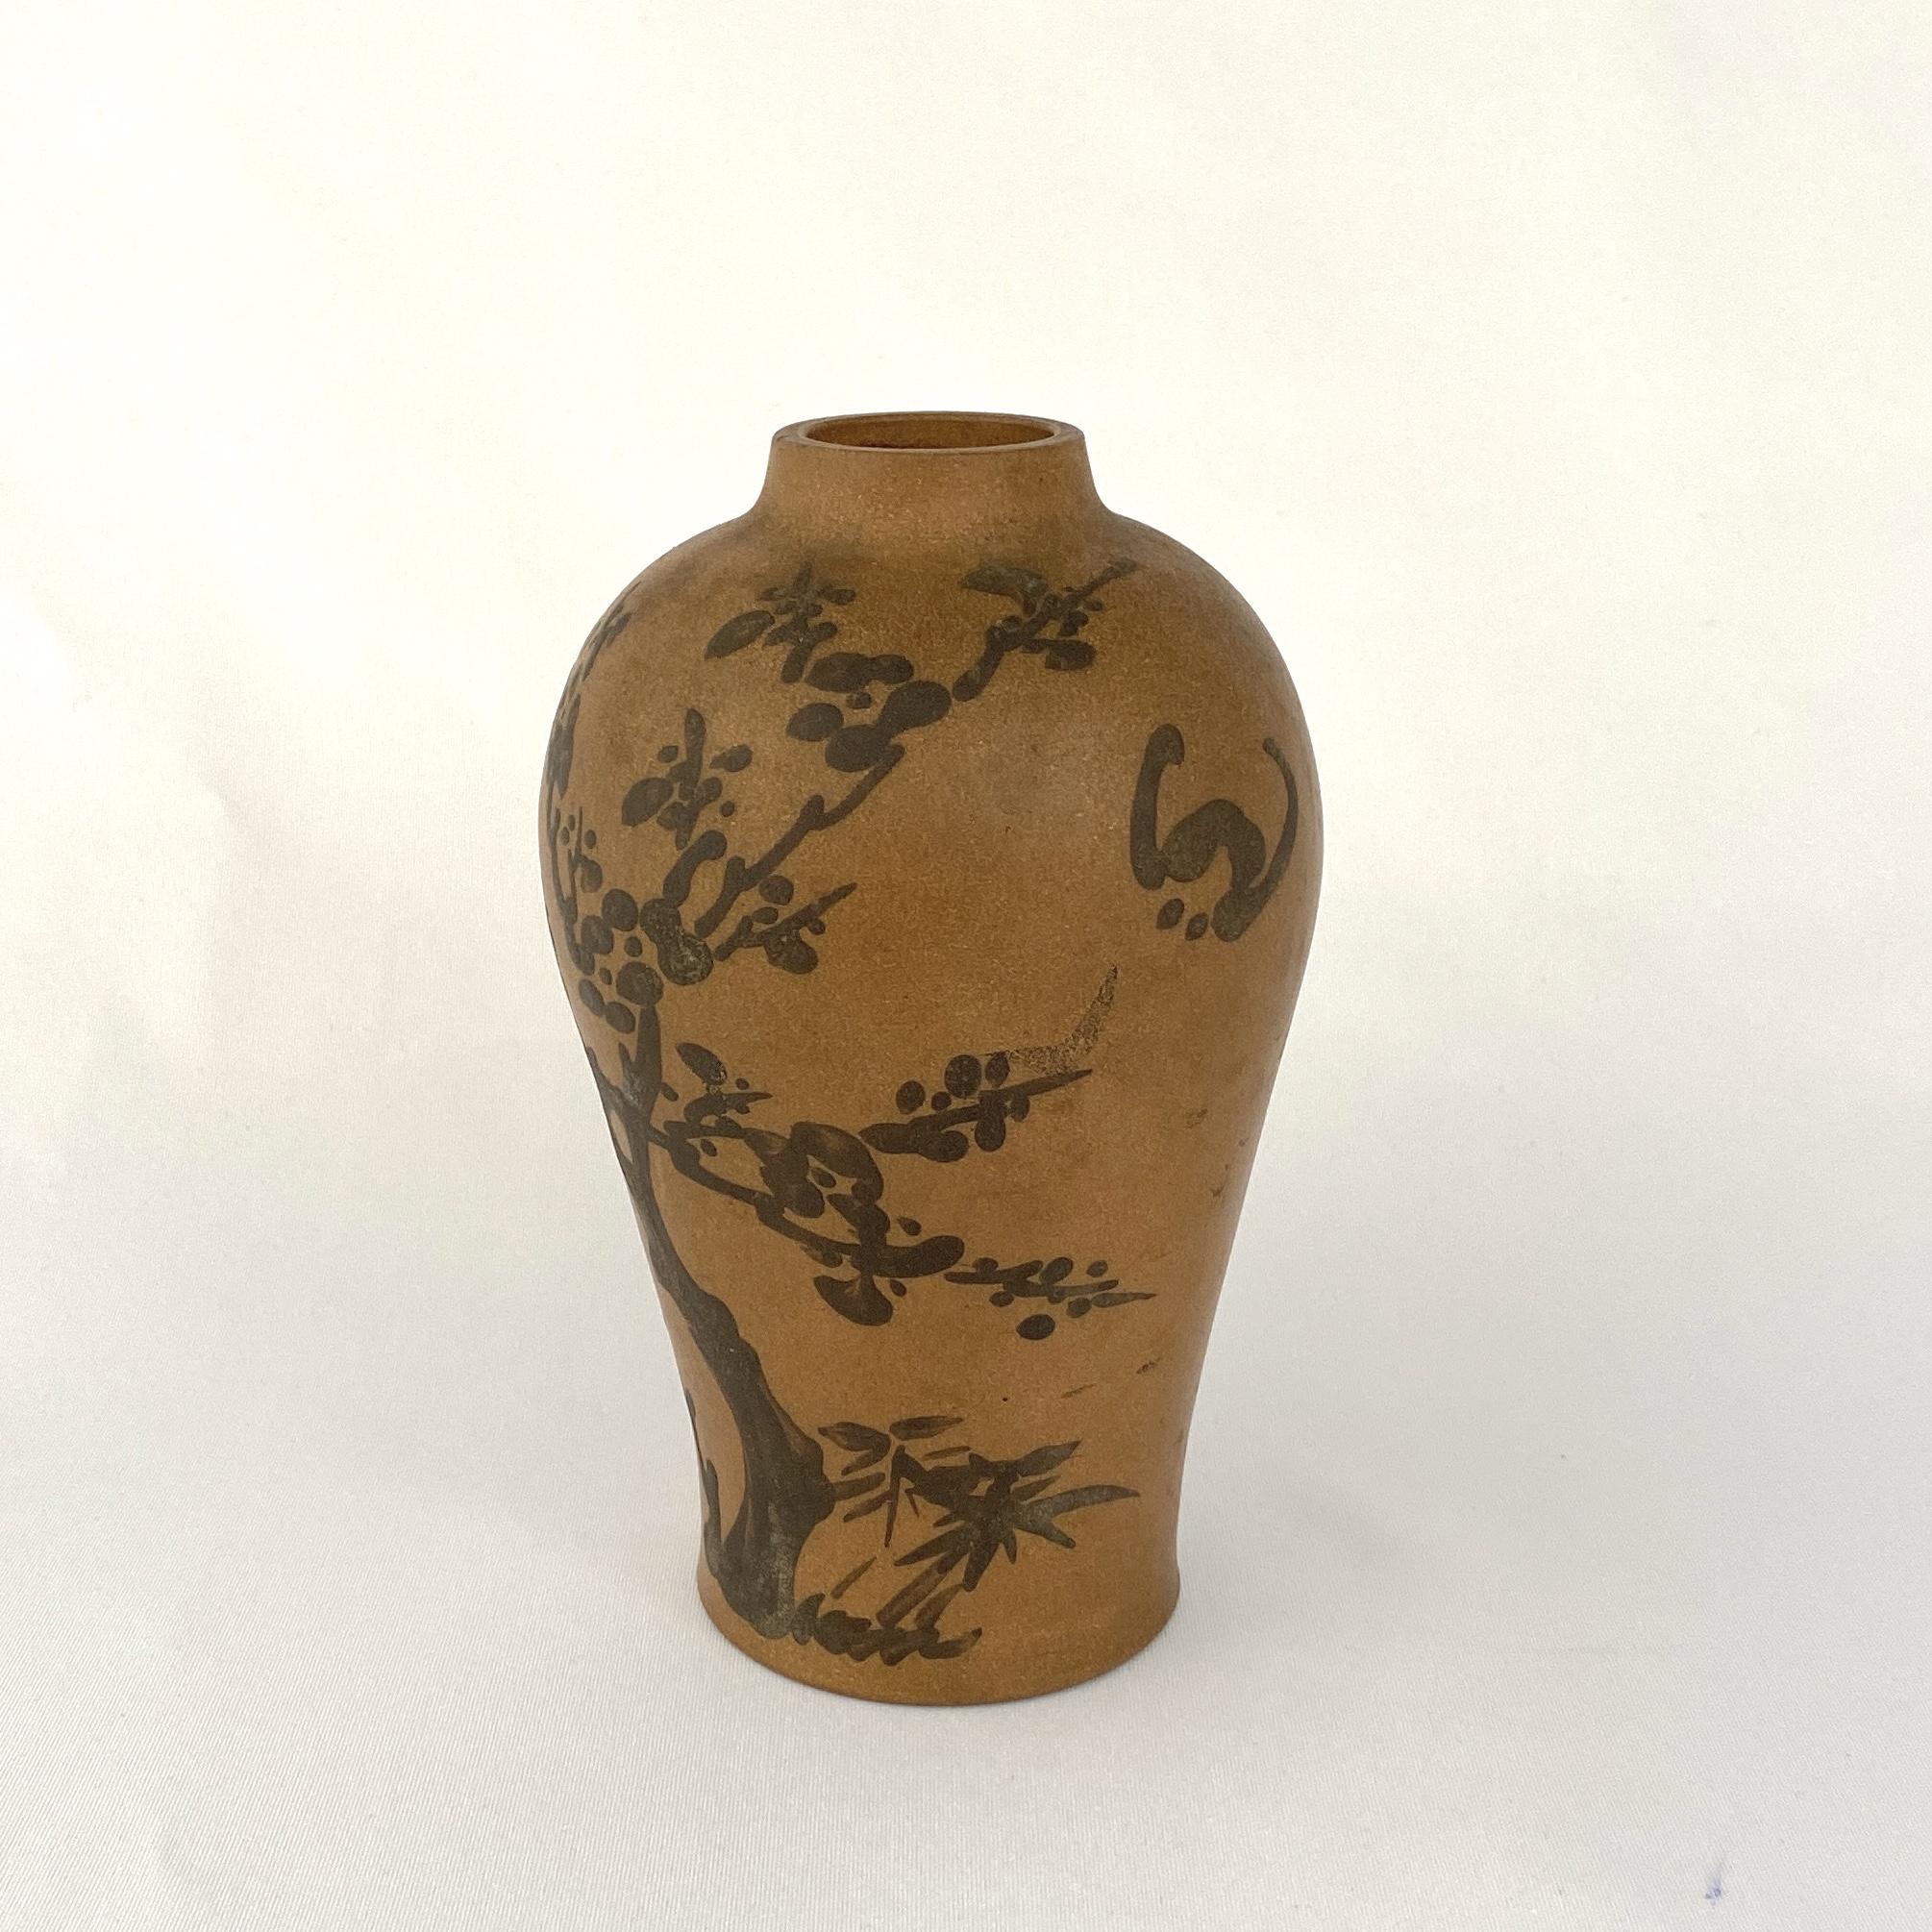 10154清 朱泥泥絵 花鳥紋 瓶